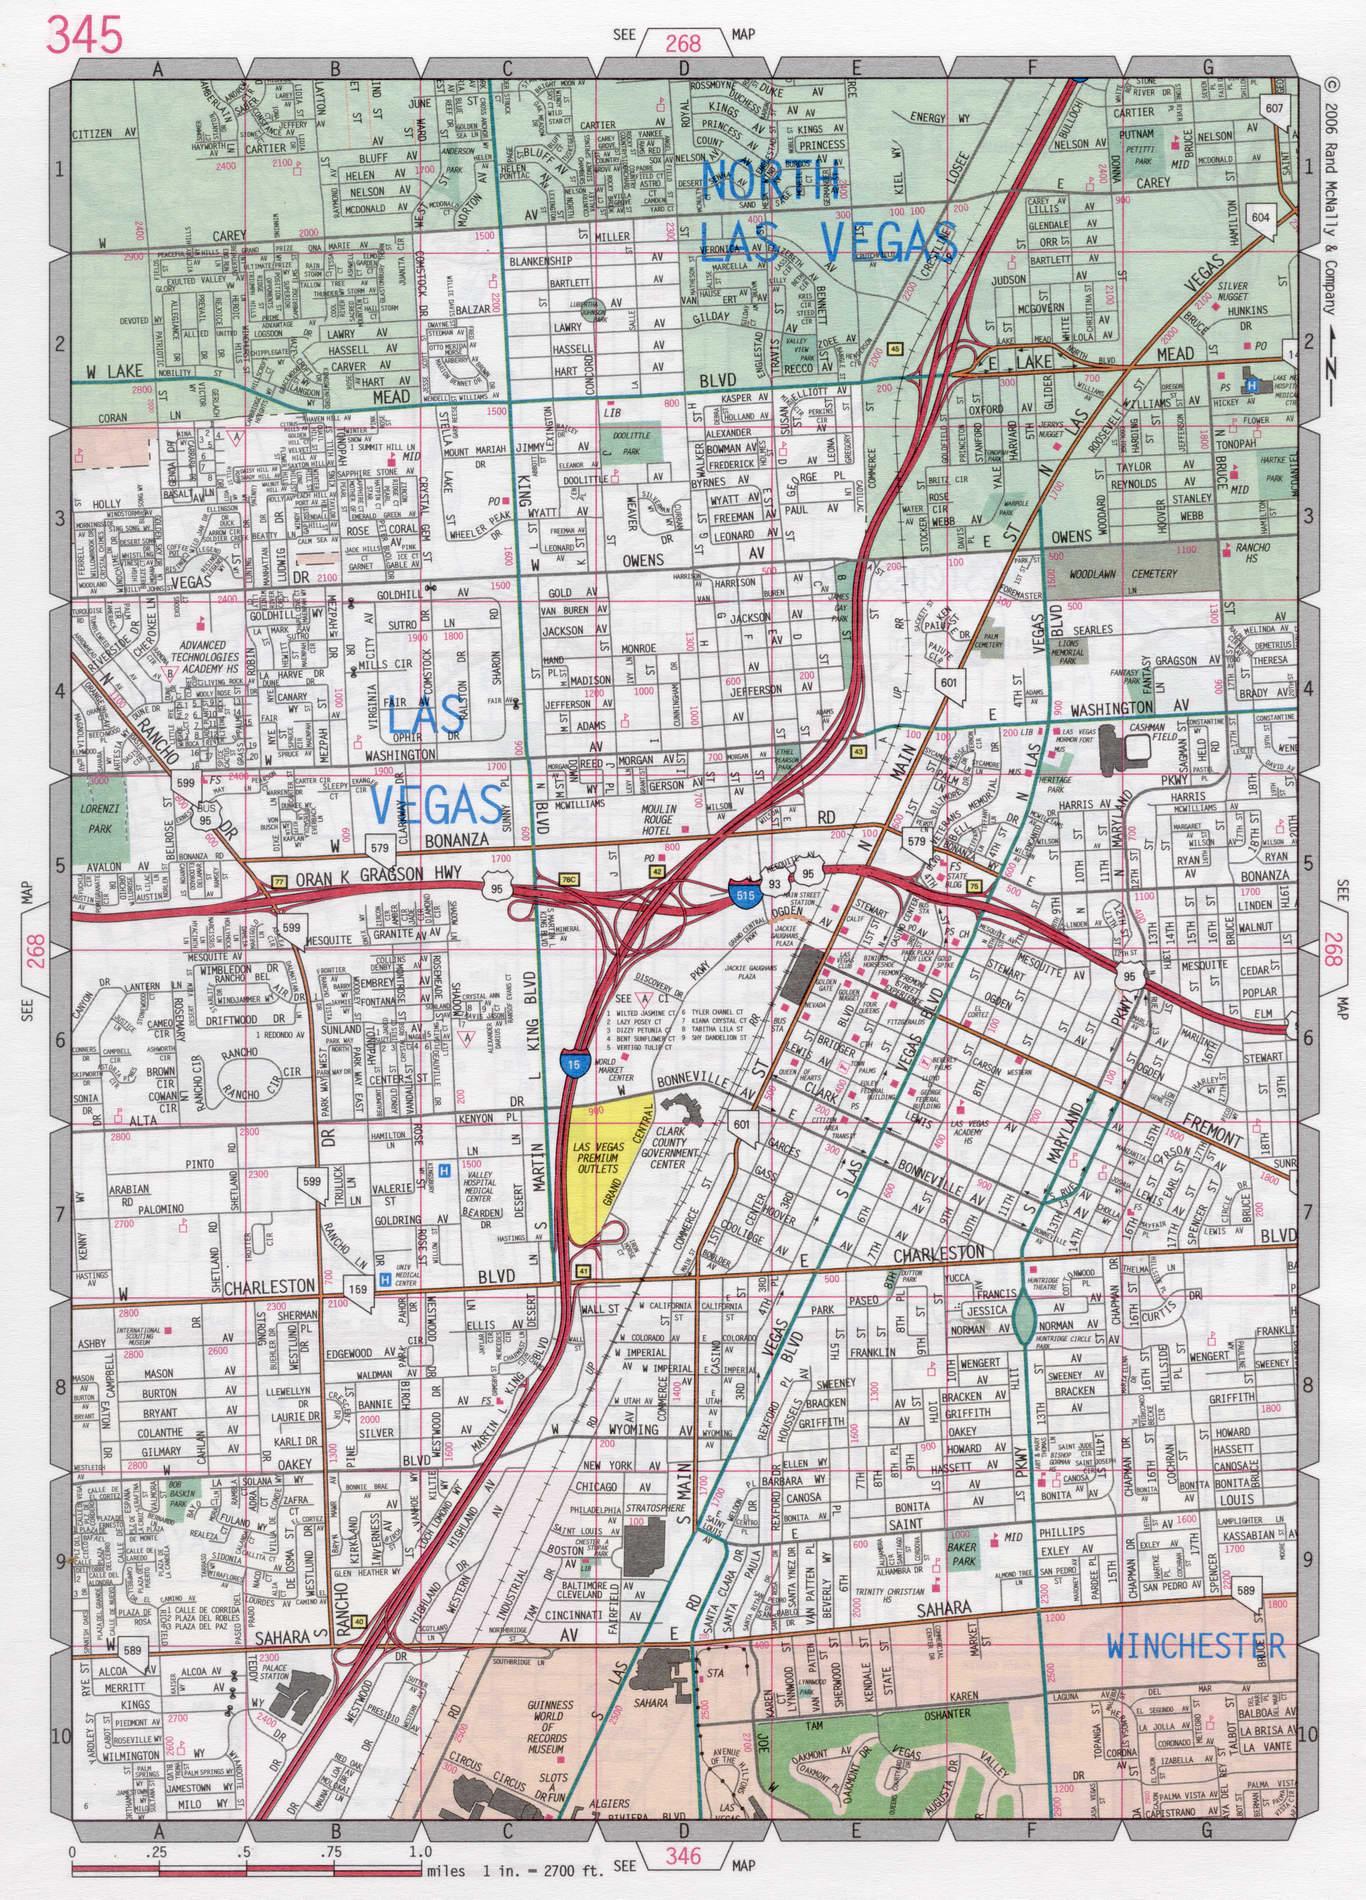 Las Vegas road map